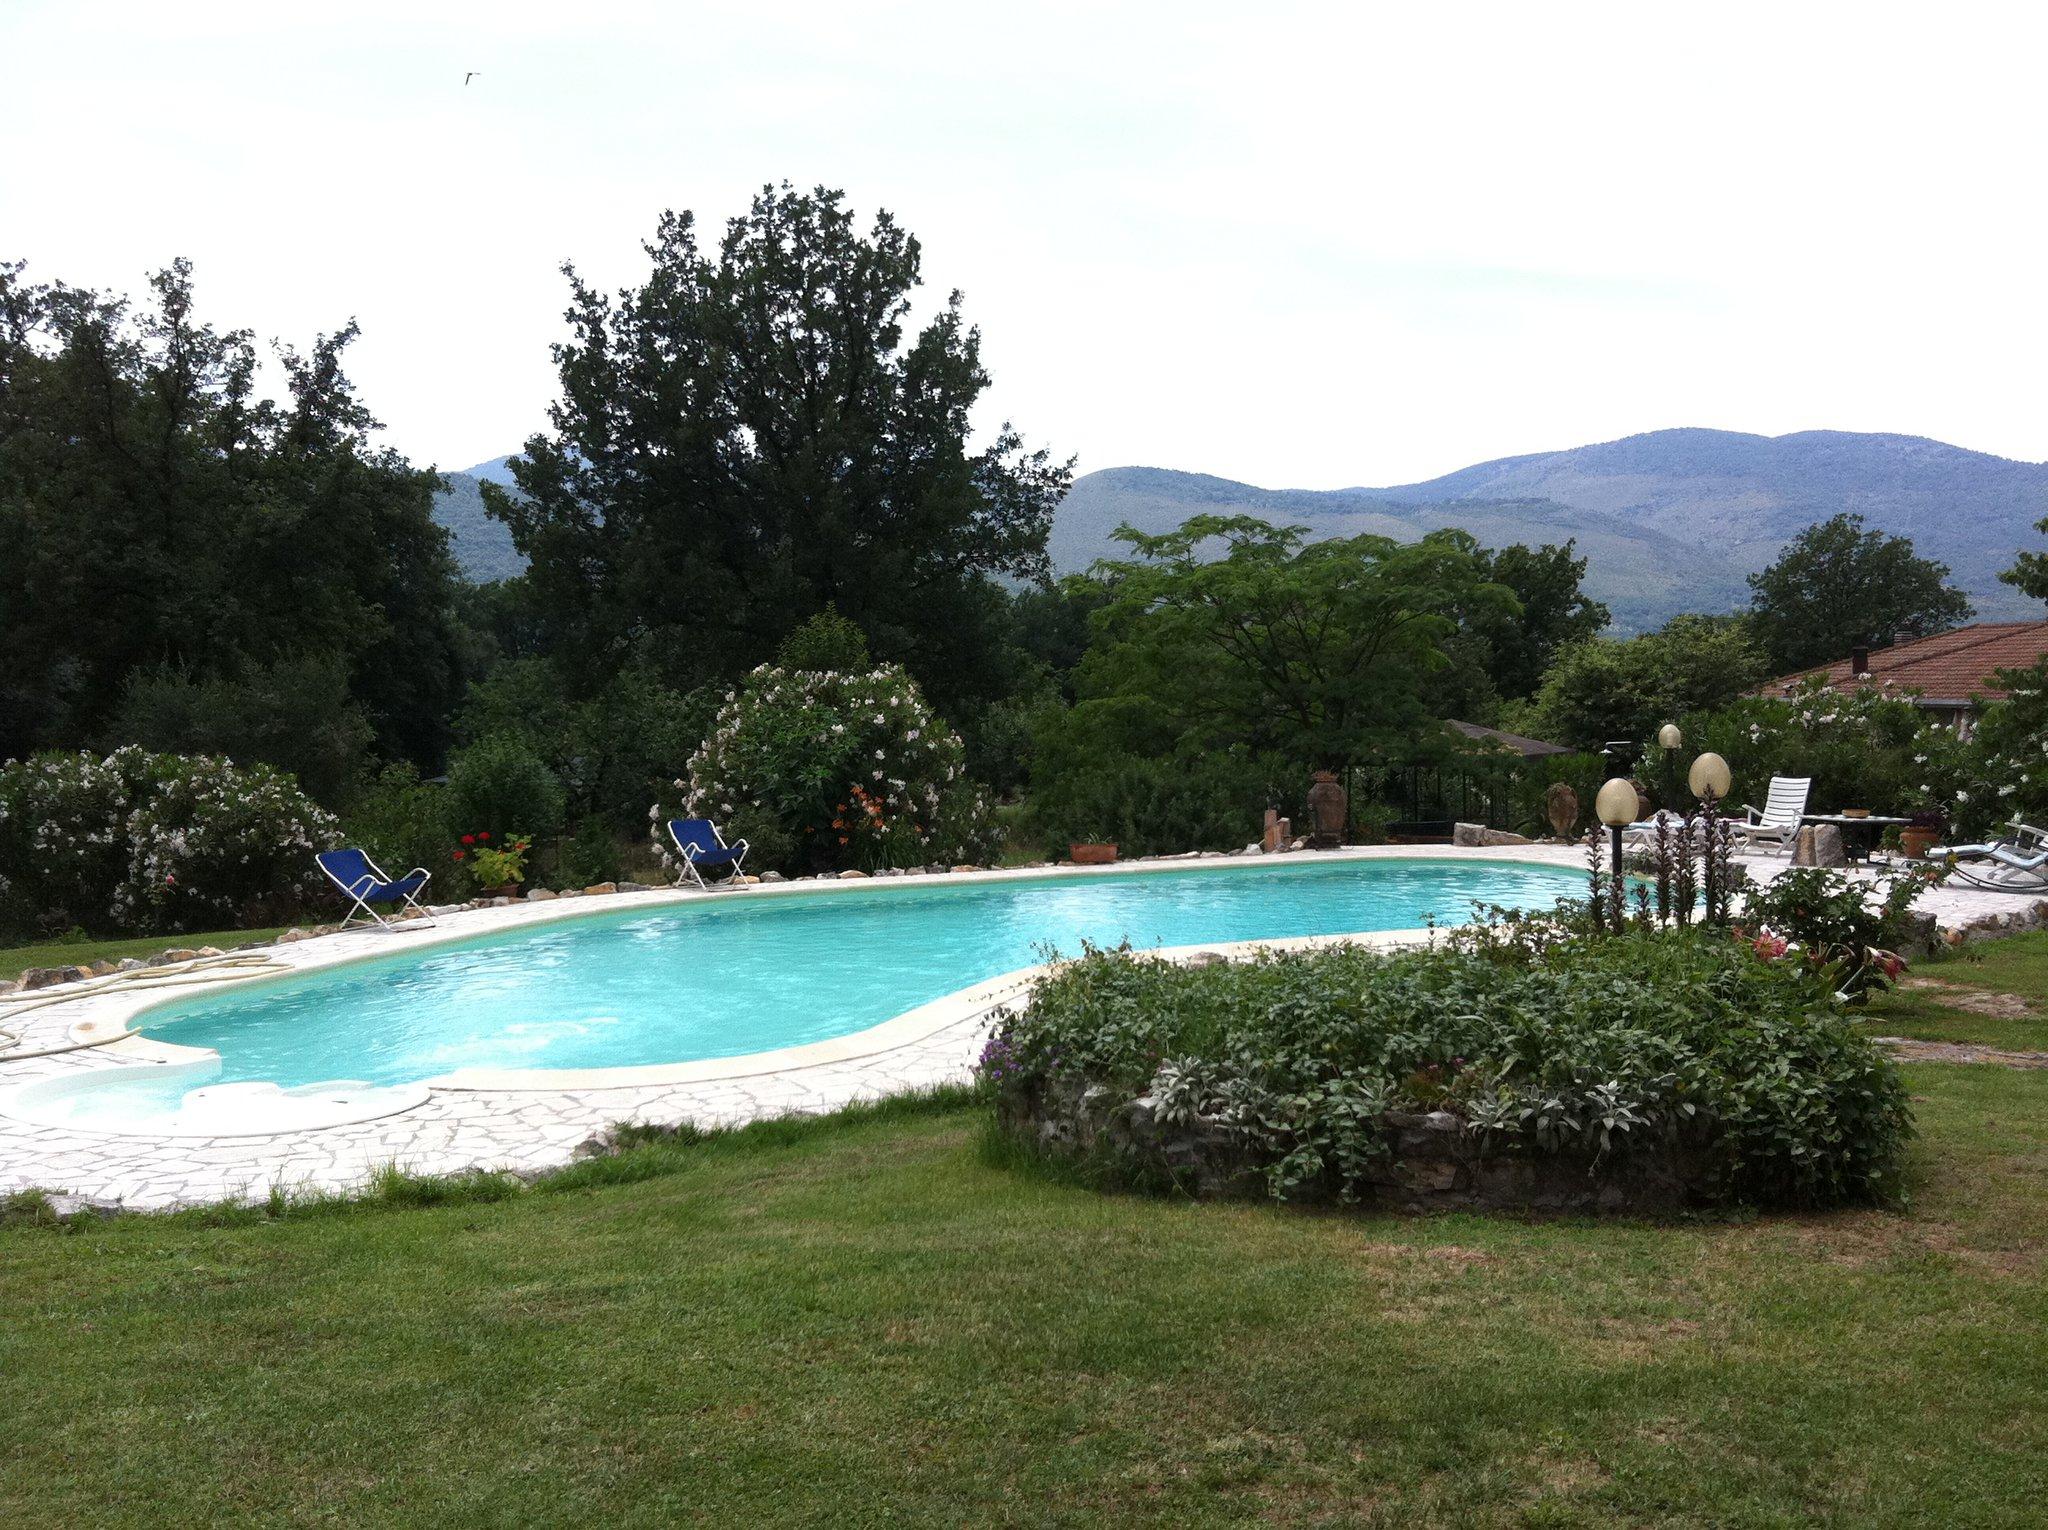 Affittasi location villa privata con piscina miragu - Villa privata con piscina ...